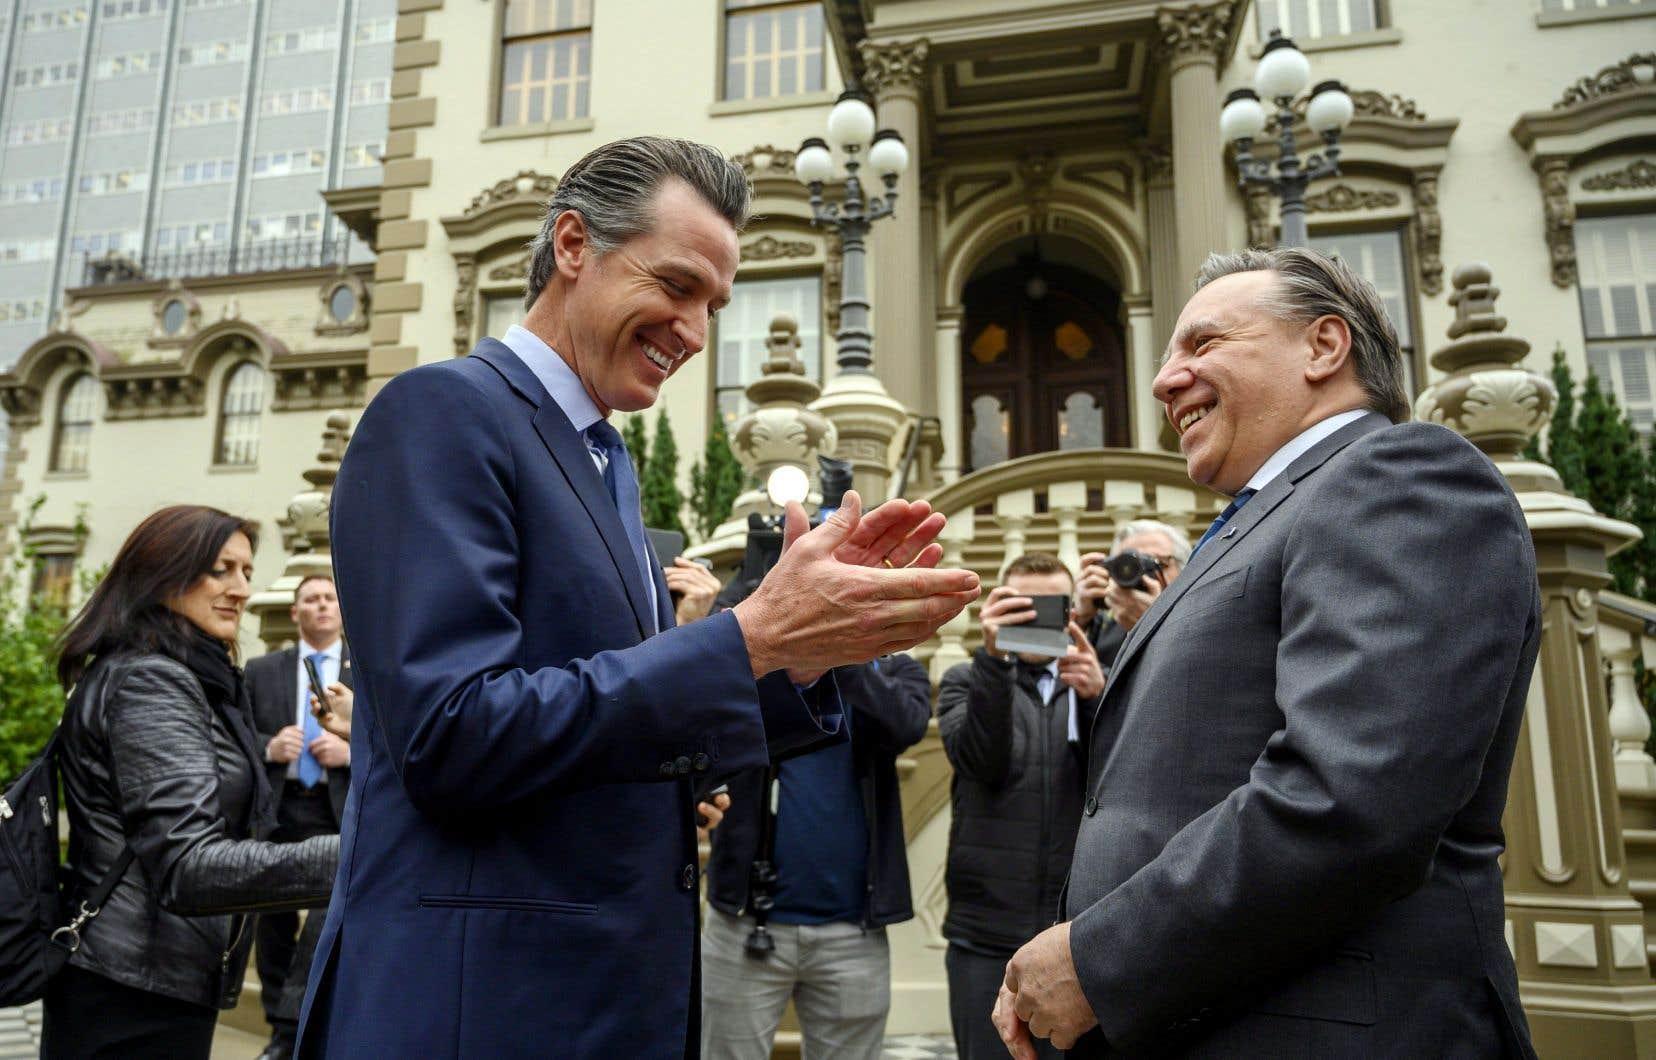 Le gouverneur de la Californie, Gavin Newsom, et le premier ministre du Québec, François Legault, devant le manoir Leland Stanford, à Sacramento